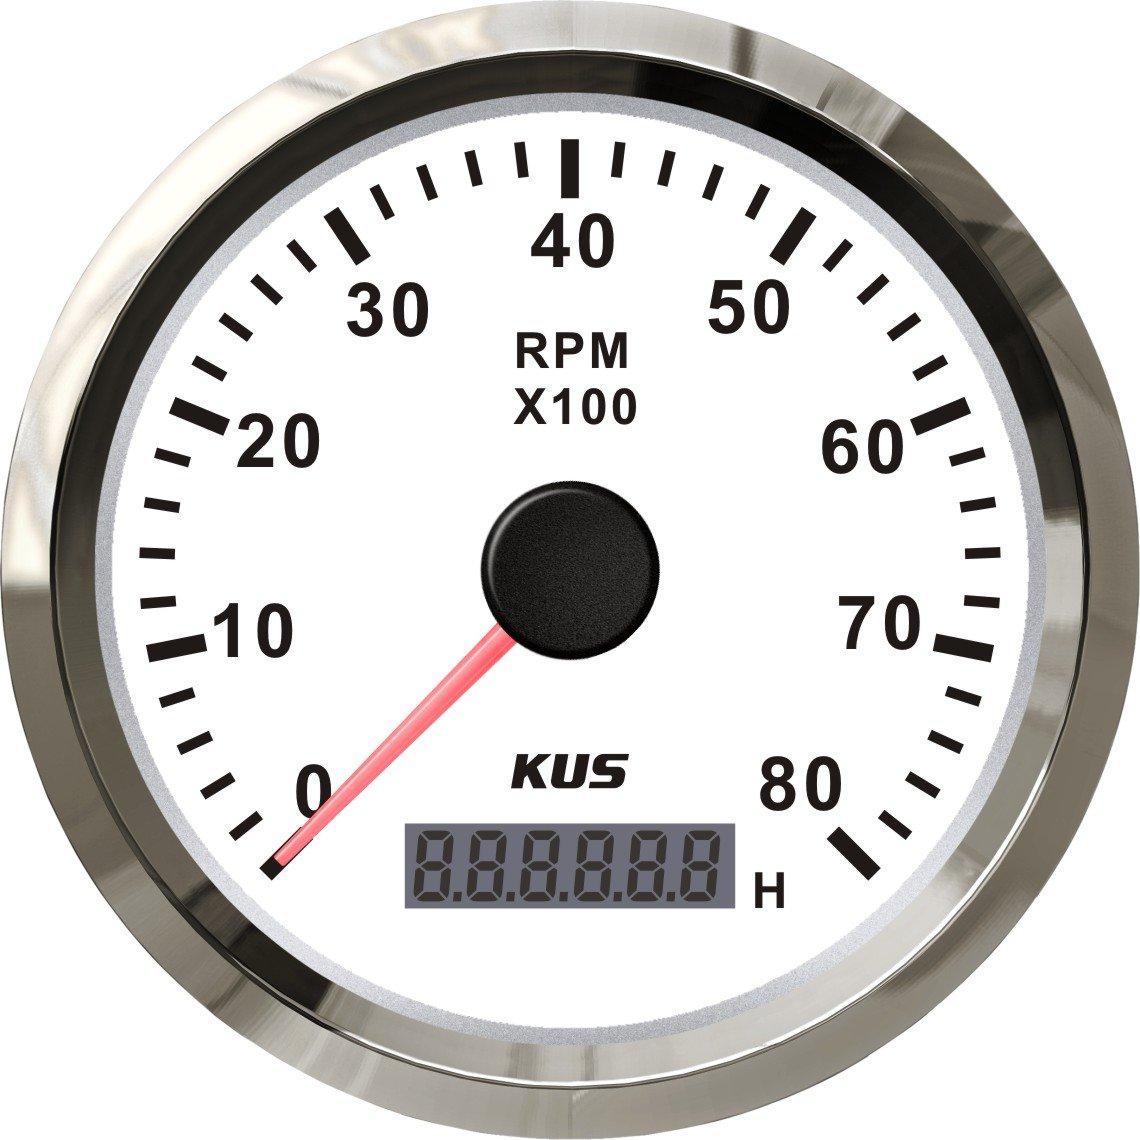 Kus universale contagiri rpm rev Counter con contatore orario 8000RPM motore a benzina per 85 mm 12 V/24 V con retroilluminazione